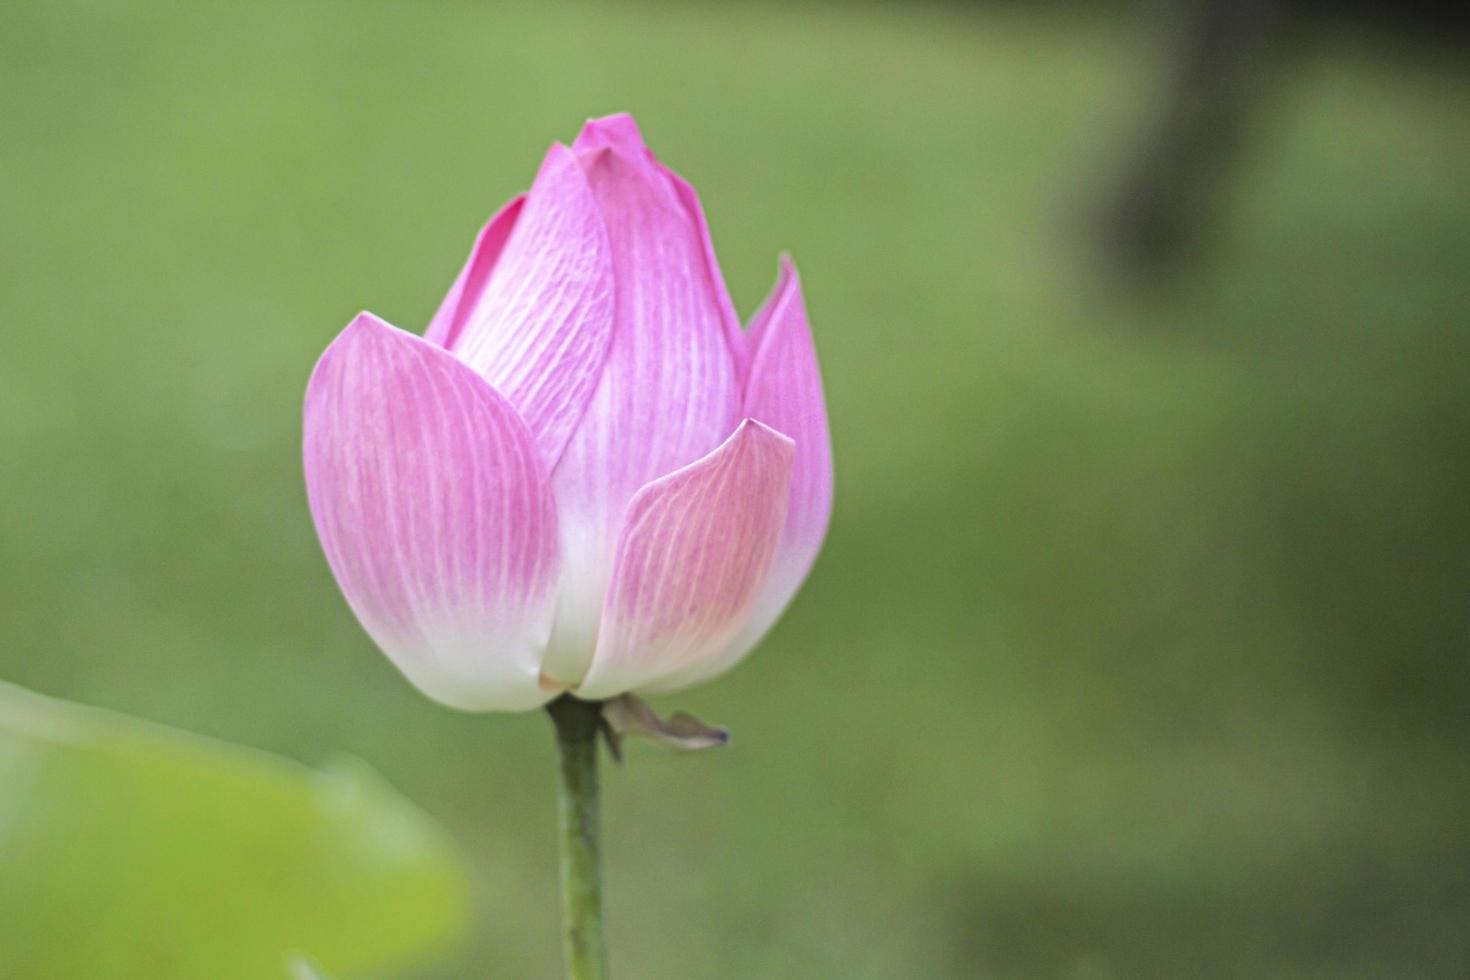 hermoso loto rosa. lotusa belleza para el jardín de agua fotografía de naturaleza flores. Cierre de capullo de loto con fondo verde foto